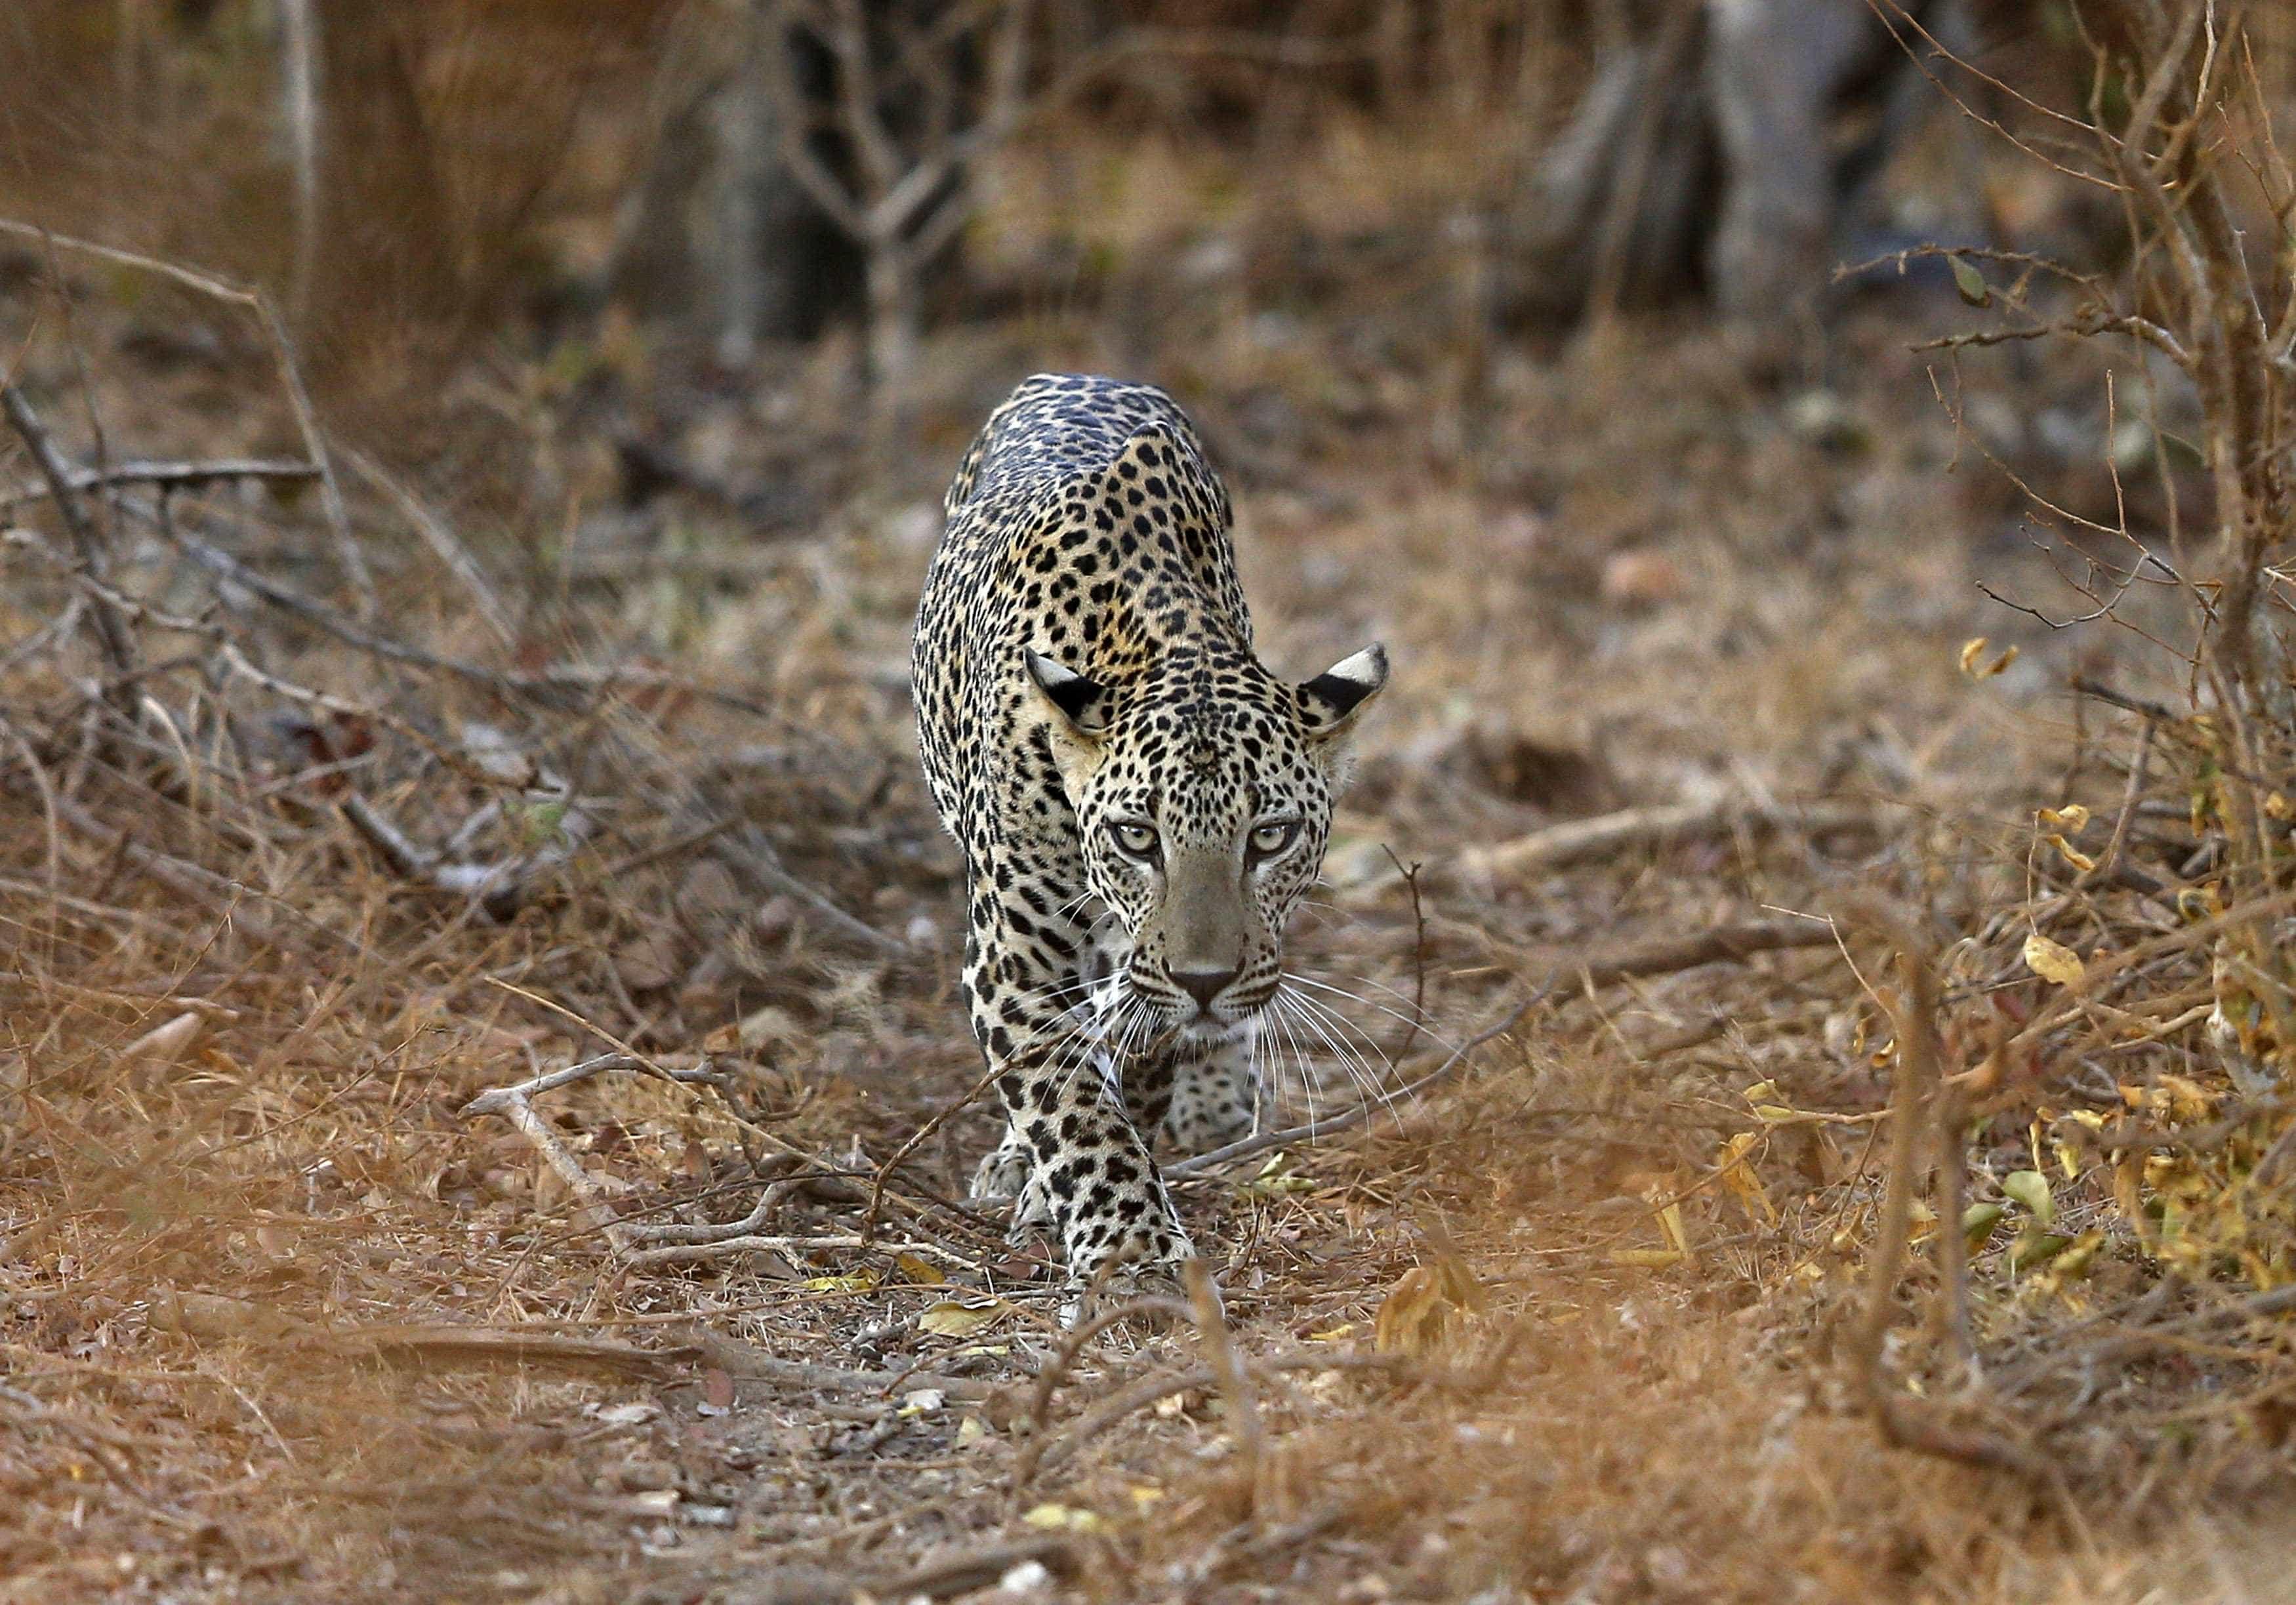 Homens são presos no Sri Lanka por matarem leopardo em extinção